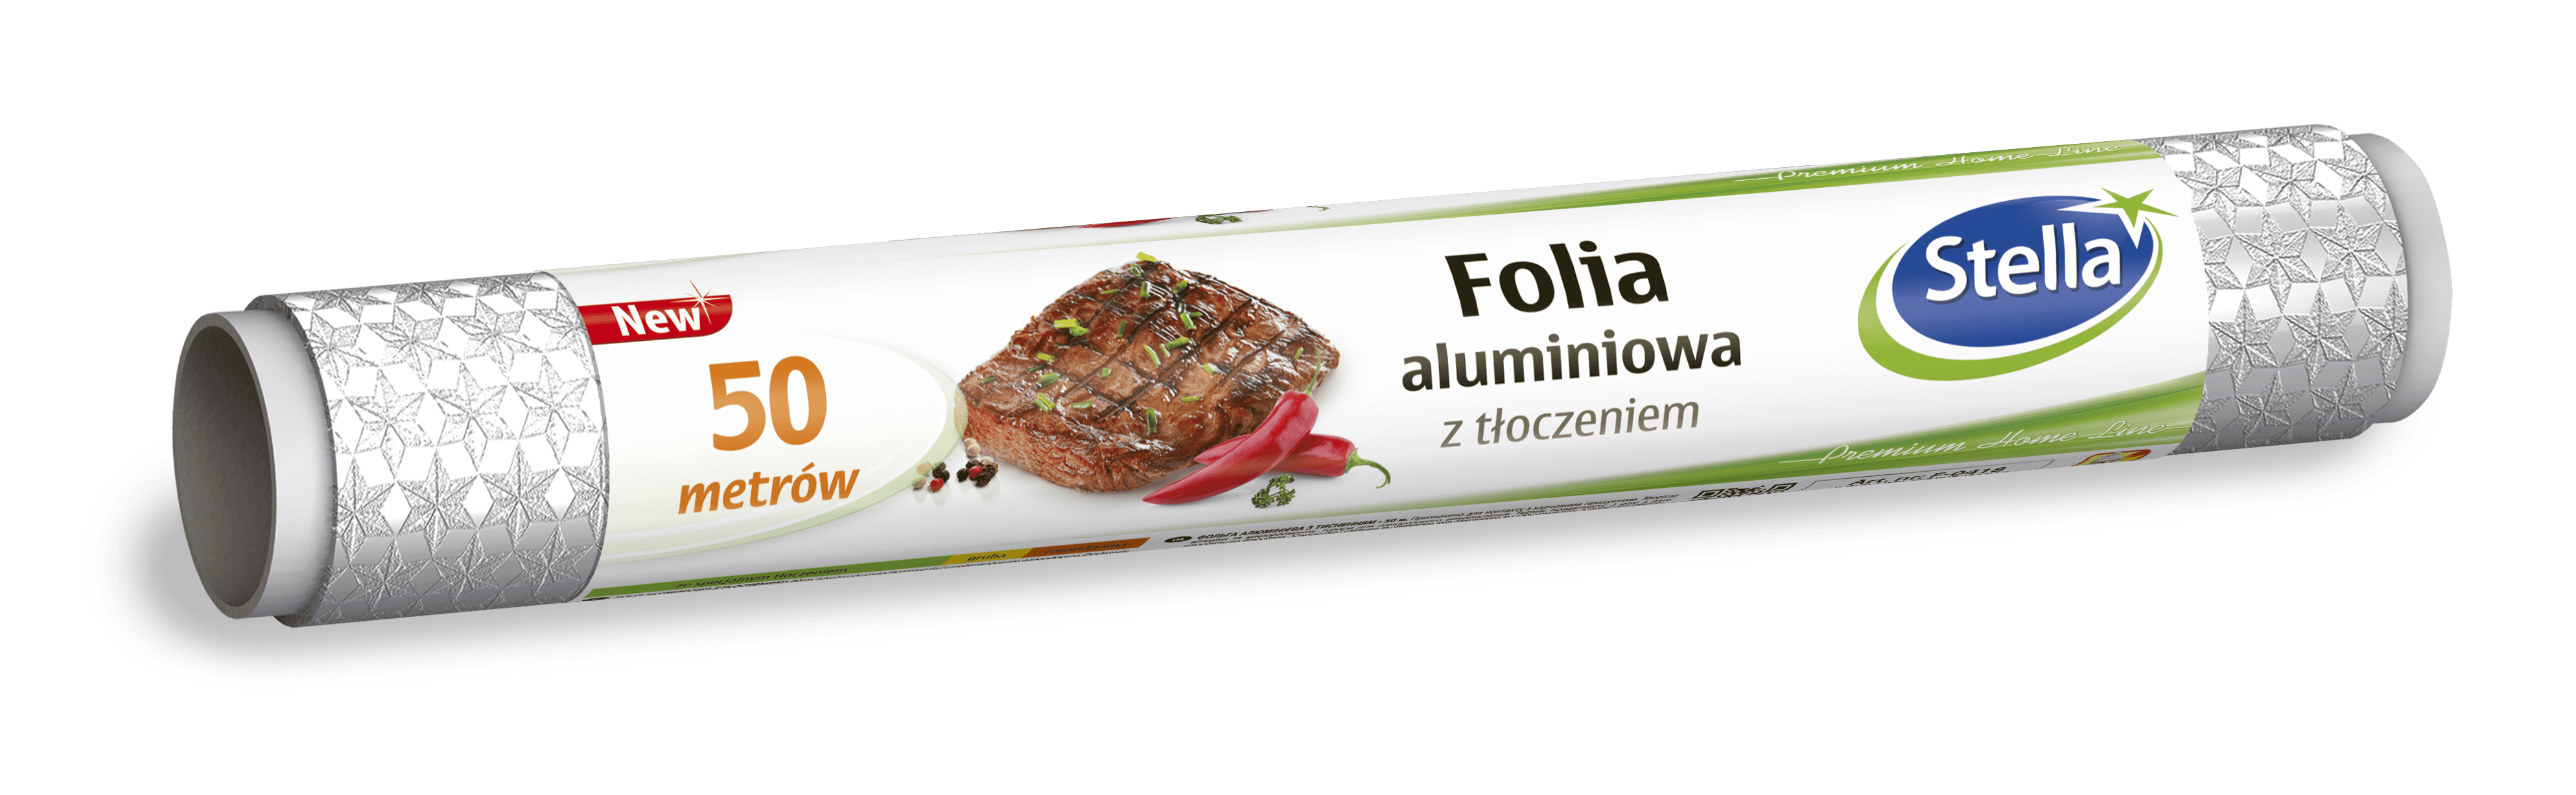 Folia aluminiowa z tłoczeniem 50m rolka STELLA